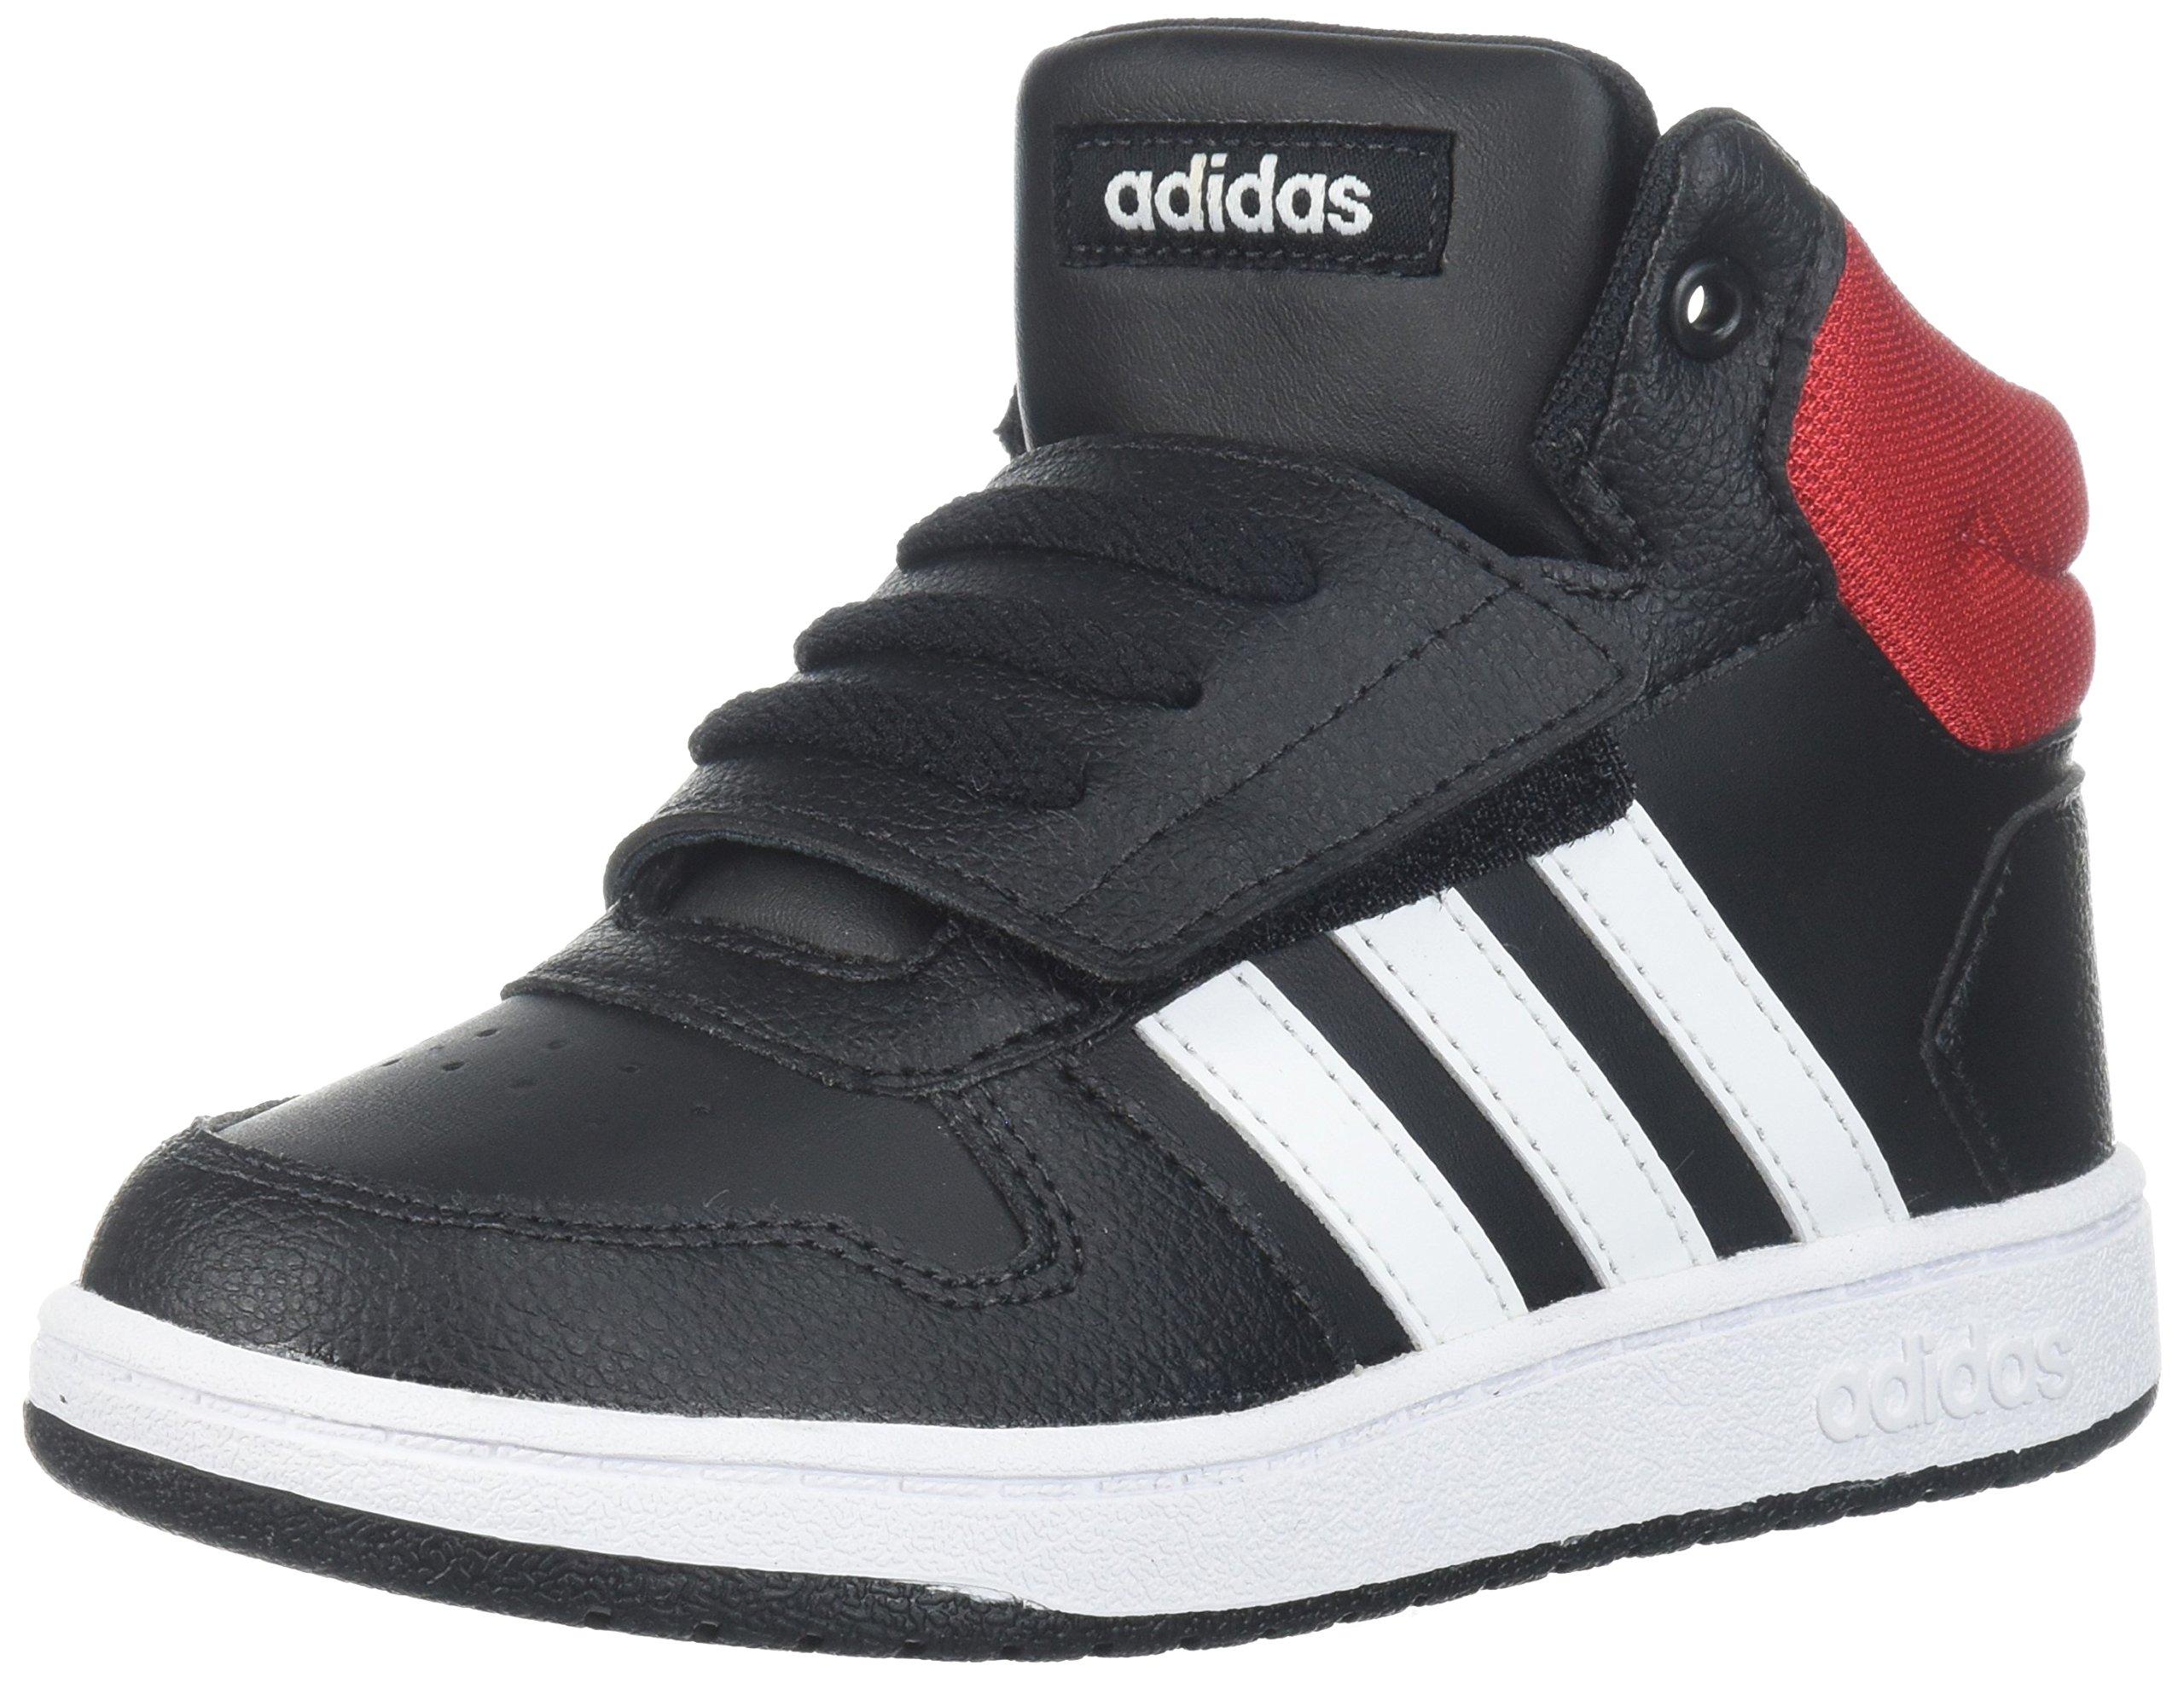 Osta adidas Originals Hoops Mid 2.0 I Blackwhitered kengät